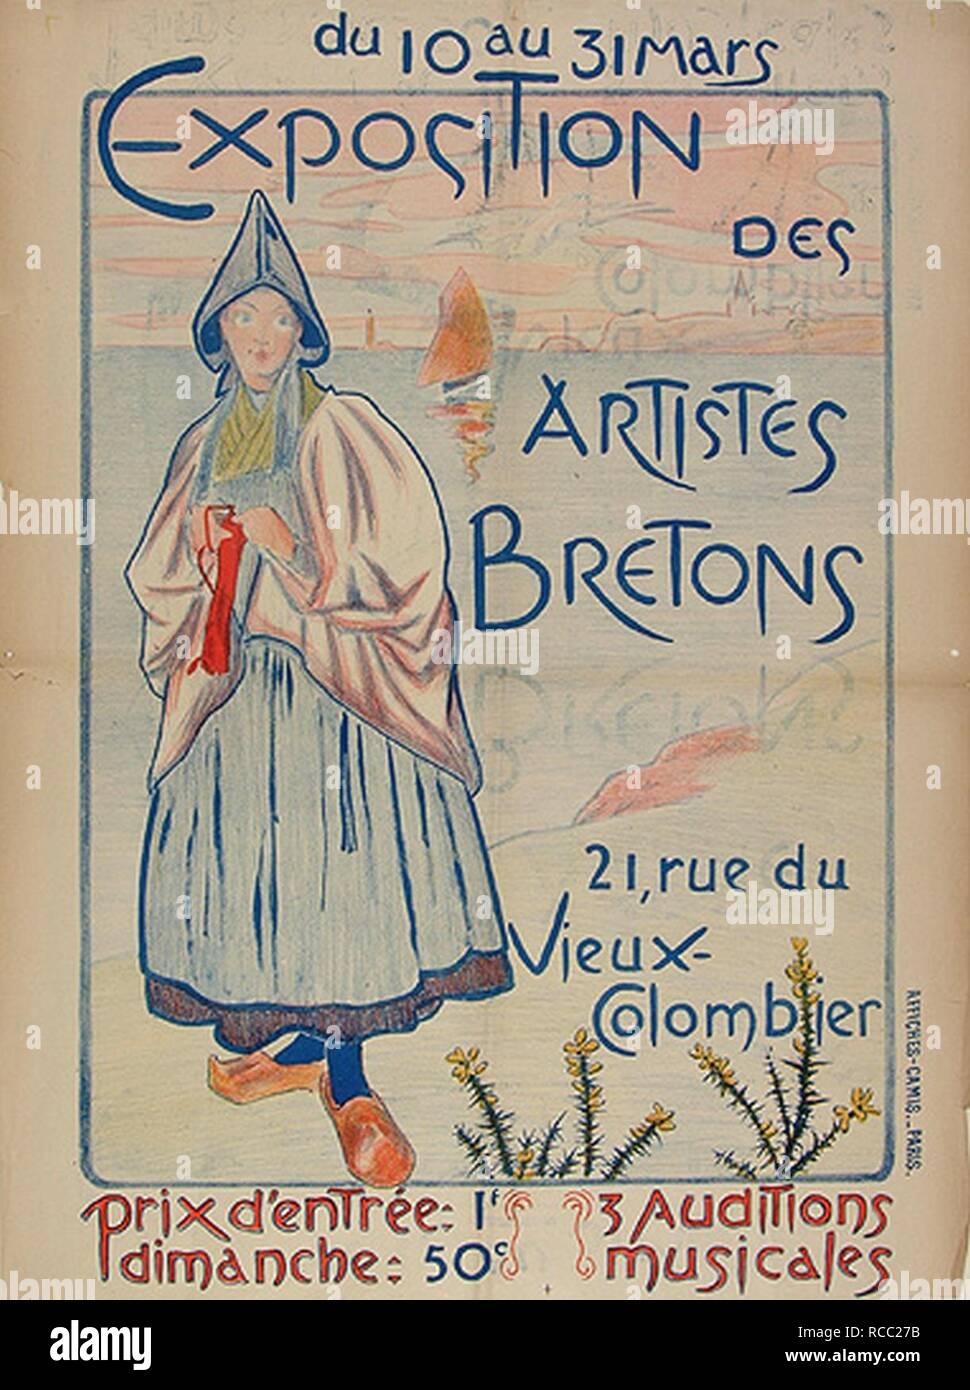 Affiche des Artistes Bretons EMR Musée de Bretagne. - Stock Image